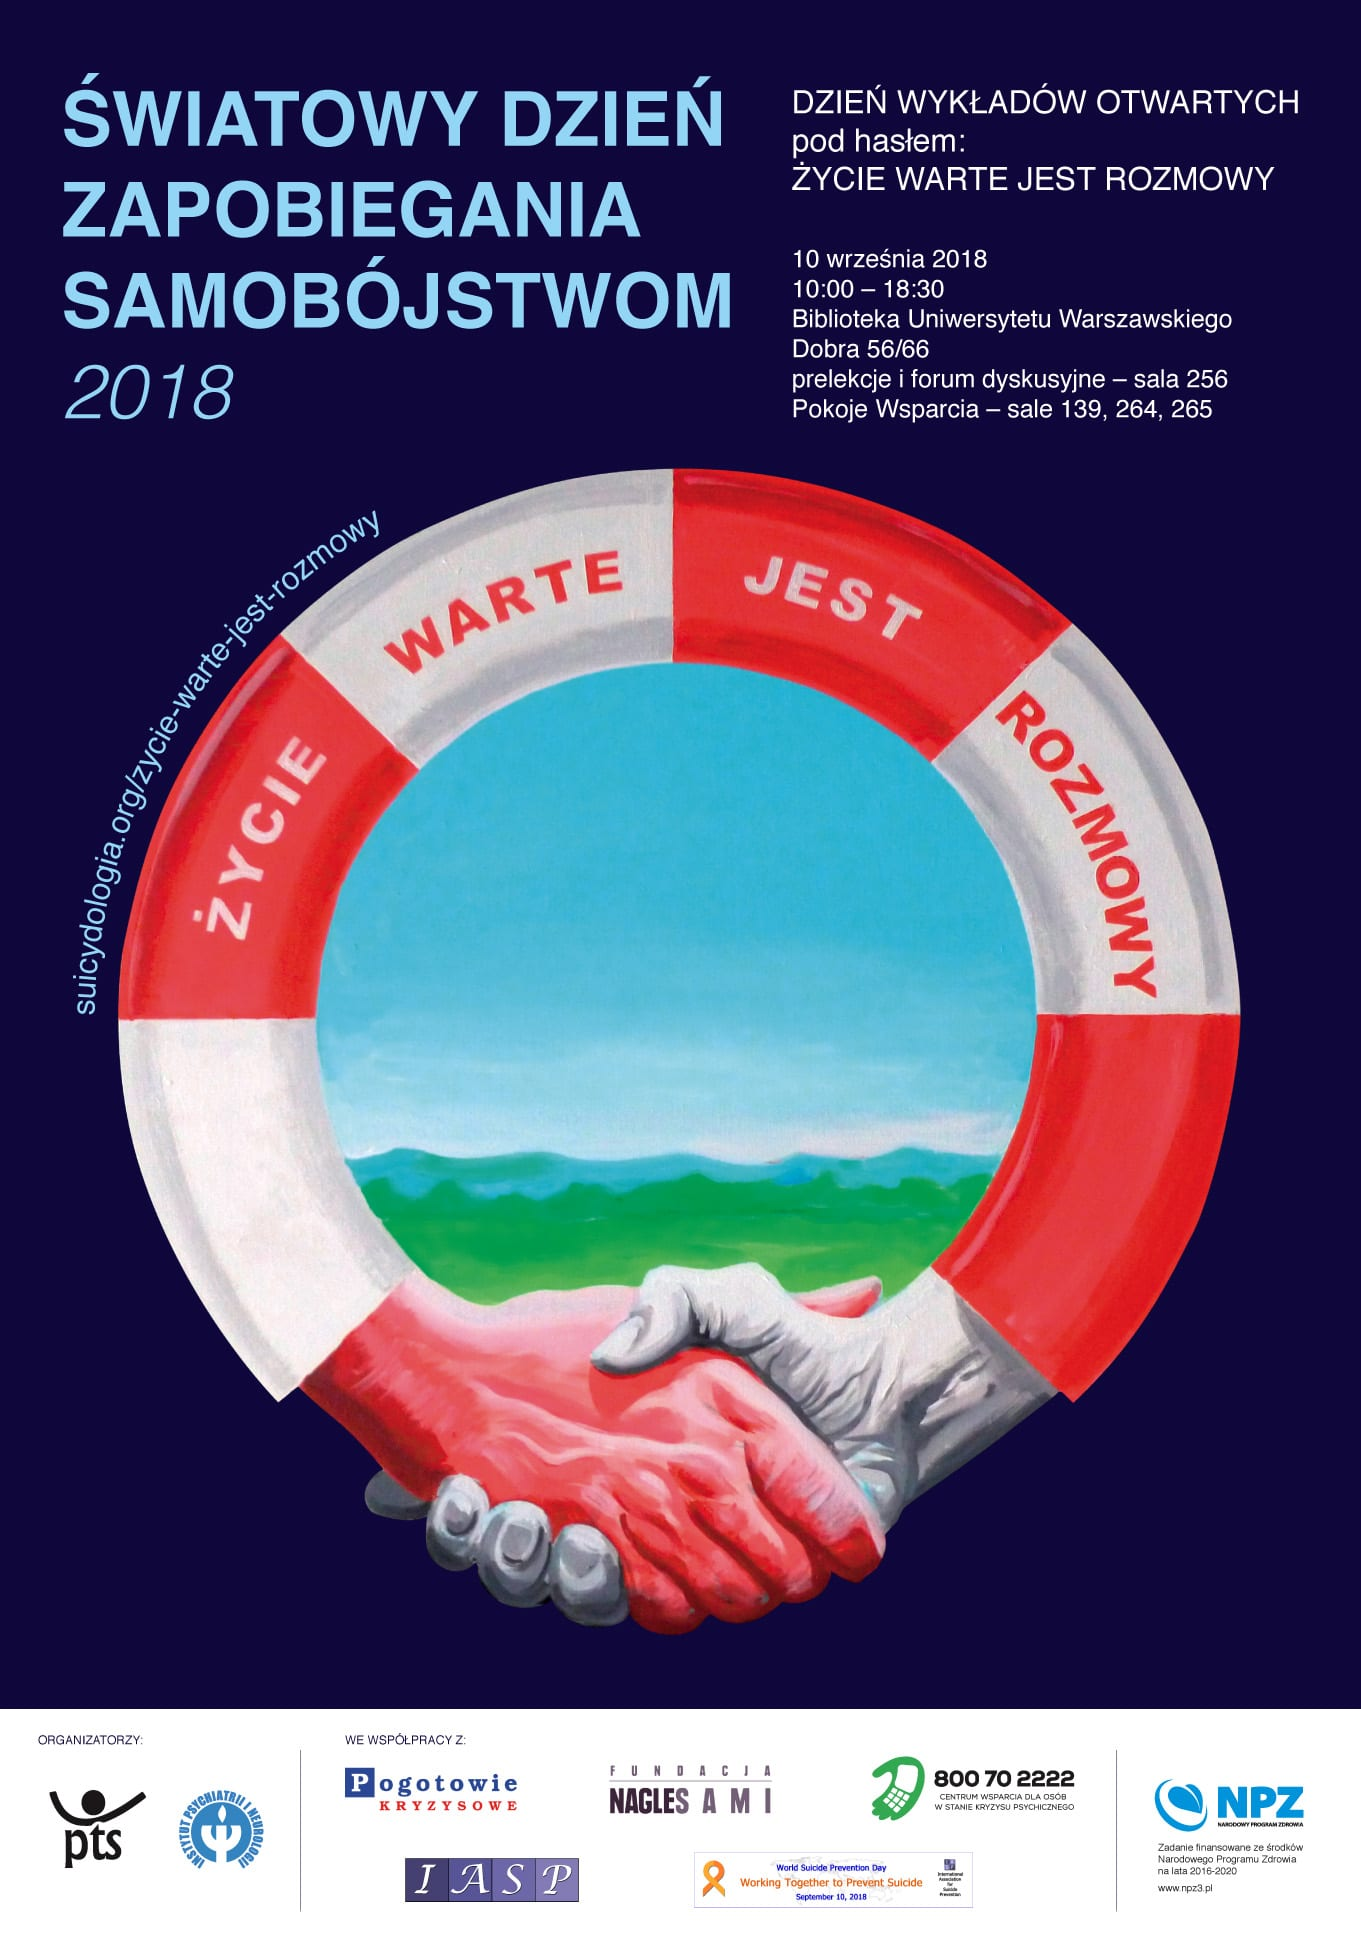 ŻYCIE WARTE JEST ROZMOWY - plakat - źródło http://suicydologia.org/zycie-warte-jest-rozmowy/